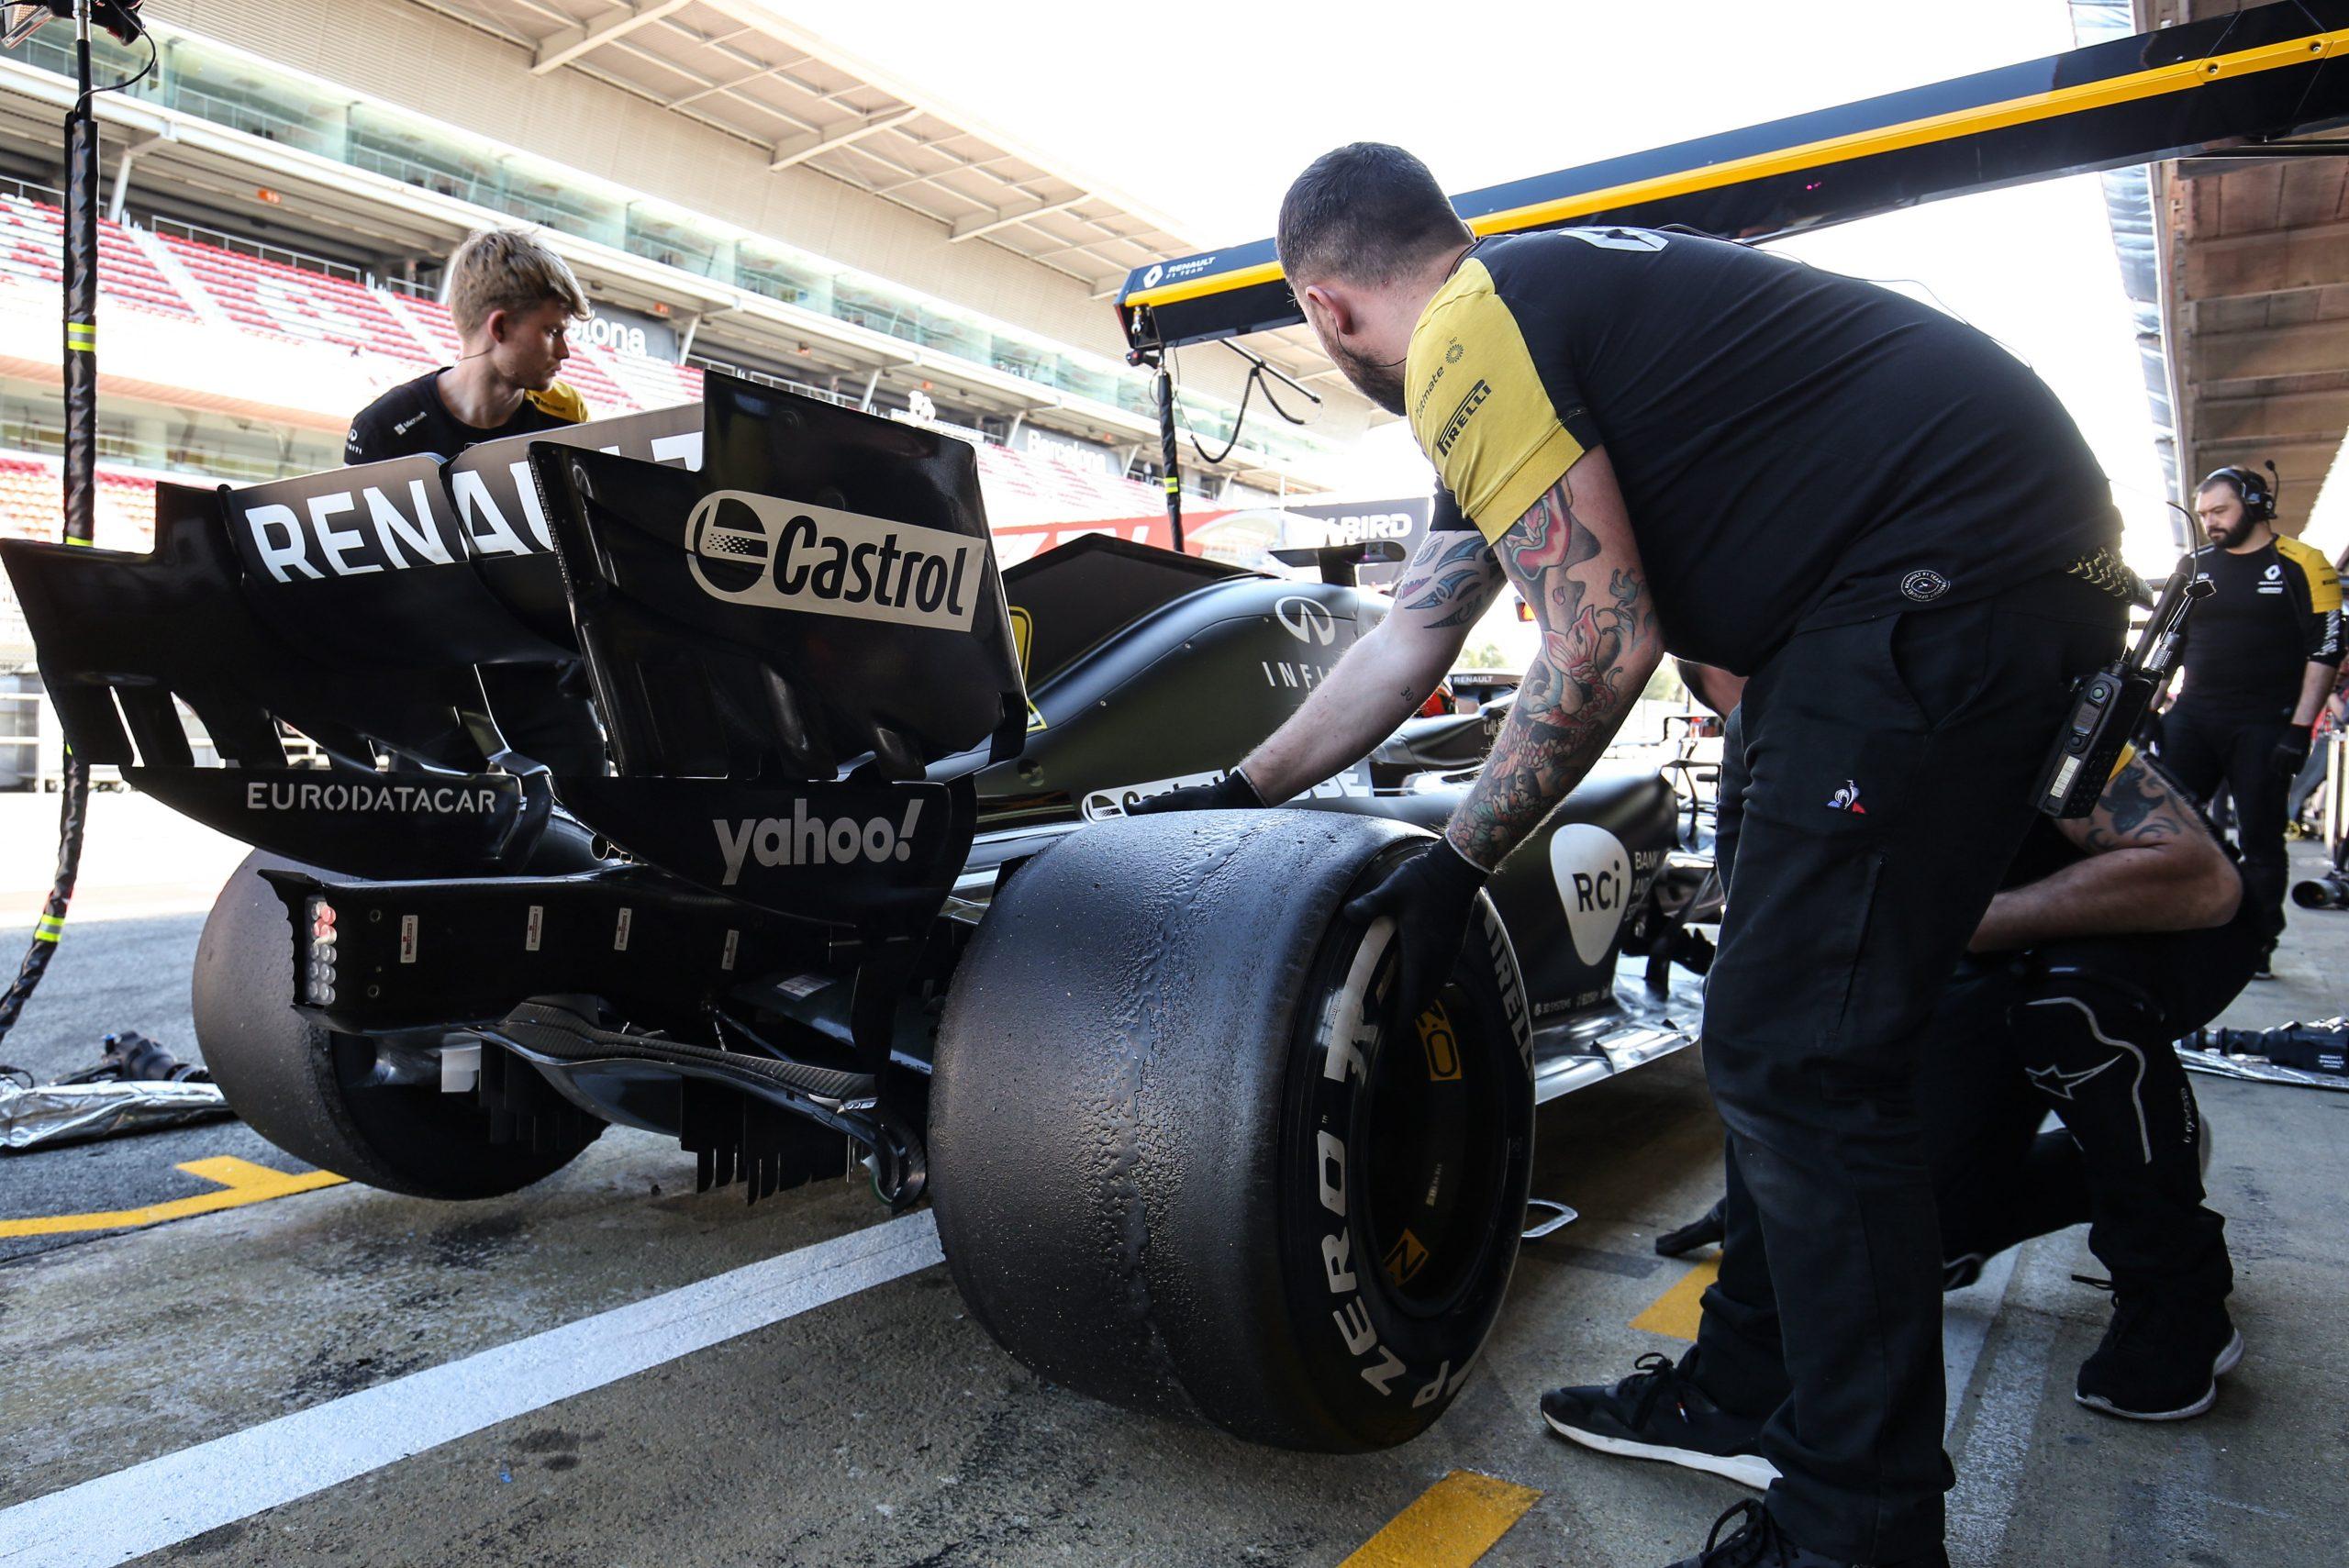 F1 - Renault prolonge son partenariat avec Eurodatacar